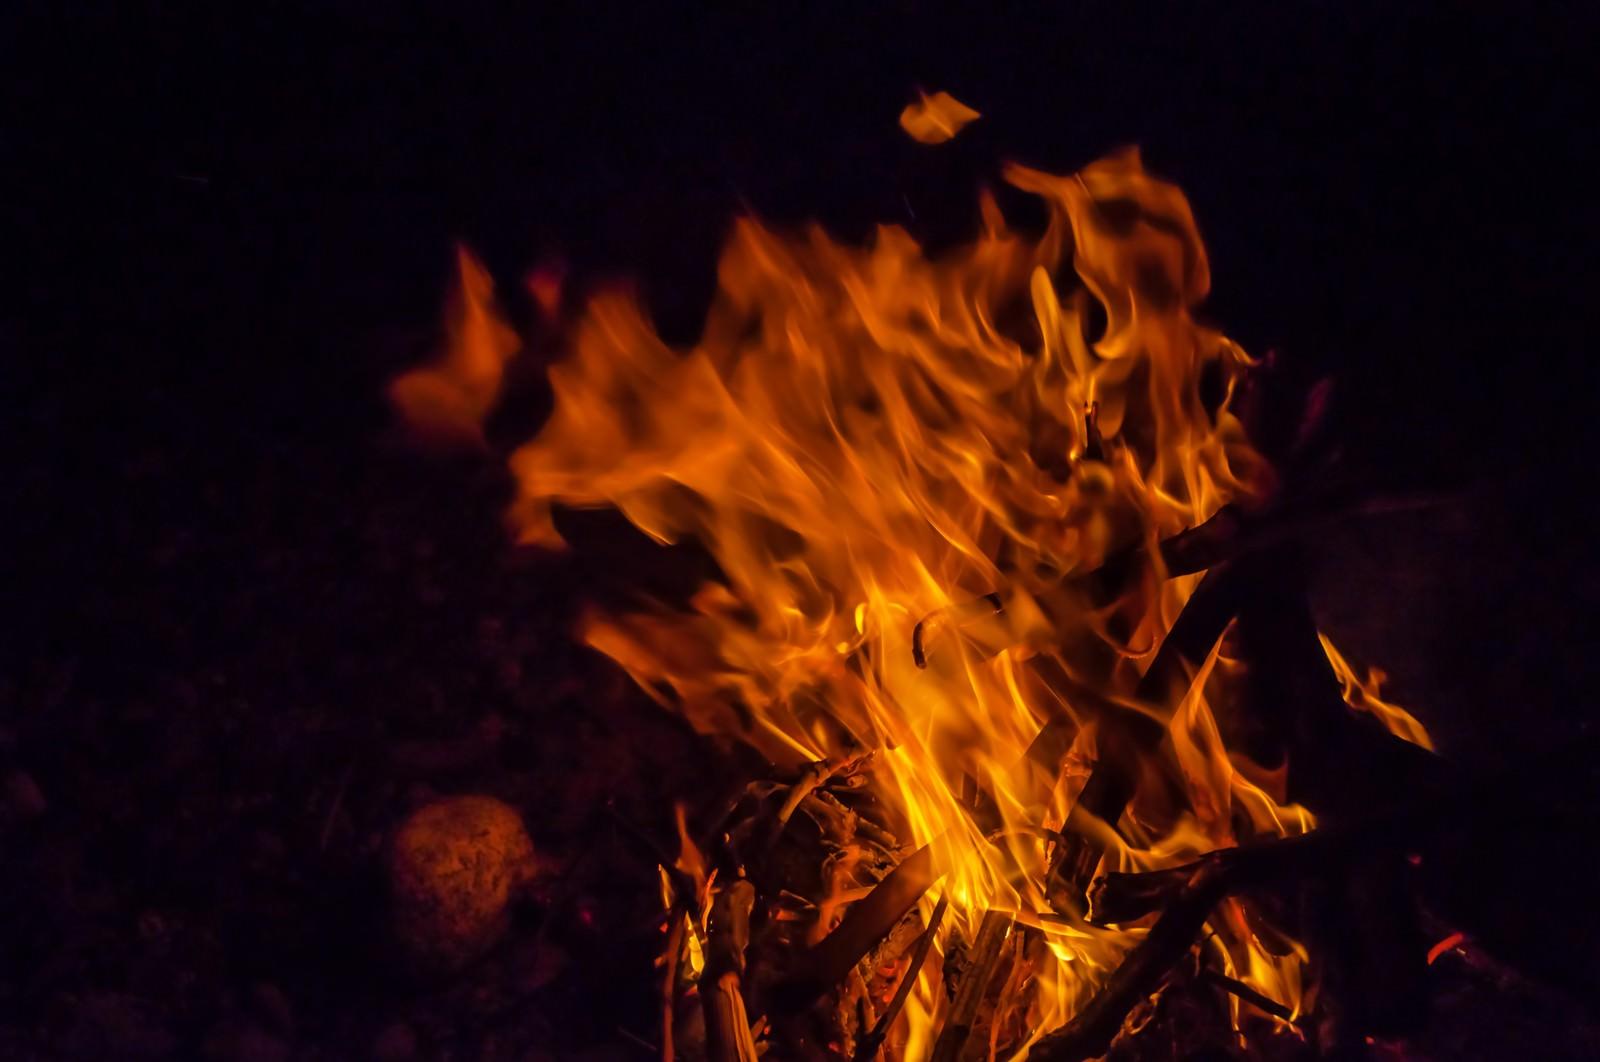 「夜の焚き火夜の焚き火」のフリー写真素材を拡大